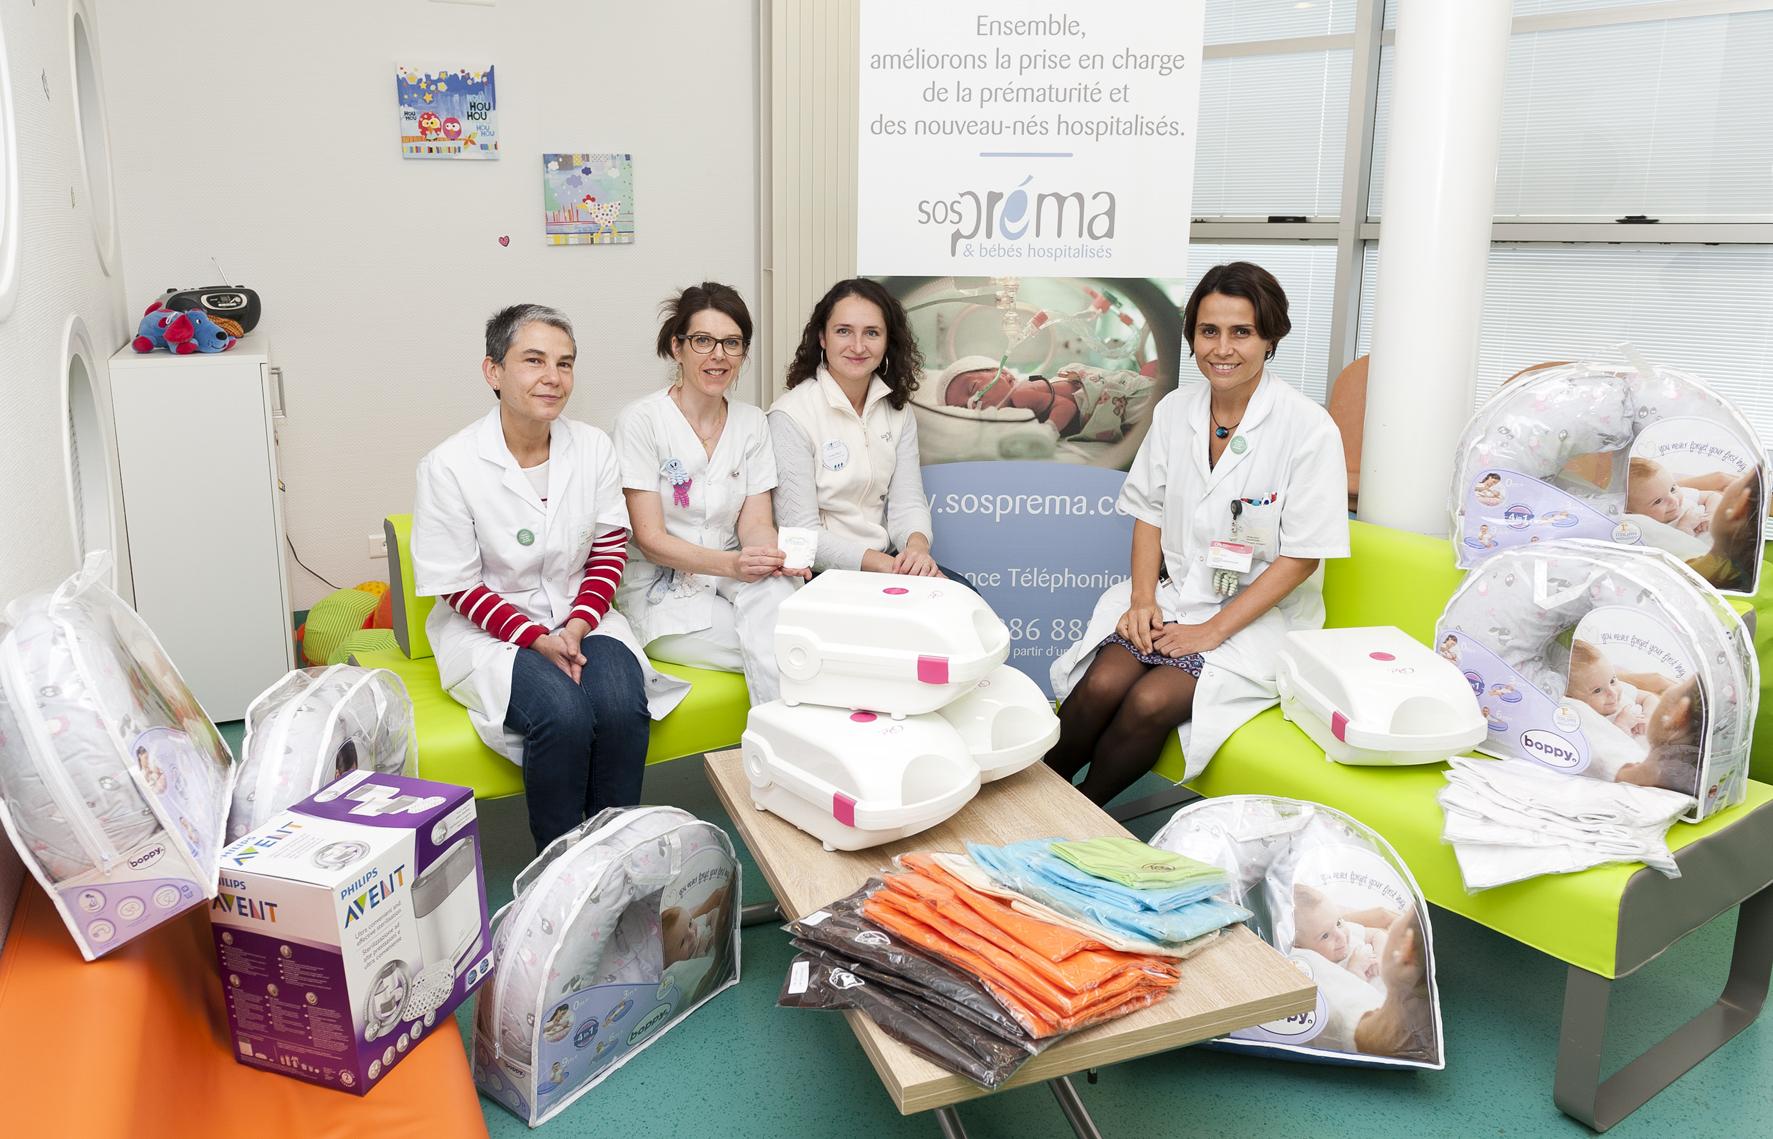 Sonia Compain, infirmière, Gaëlle Charpentier, cadre de santé, Emilie Wald-Caron, représentante locale de l'association SOS Préma, le Pr. Géraldine Gascoin, responsable de l'unité fonctionnelle de réanimation et de médecine néonatales